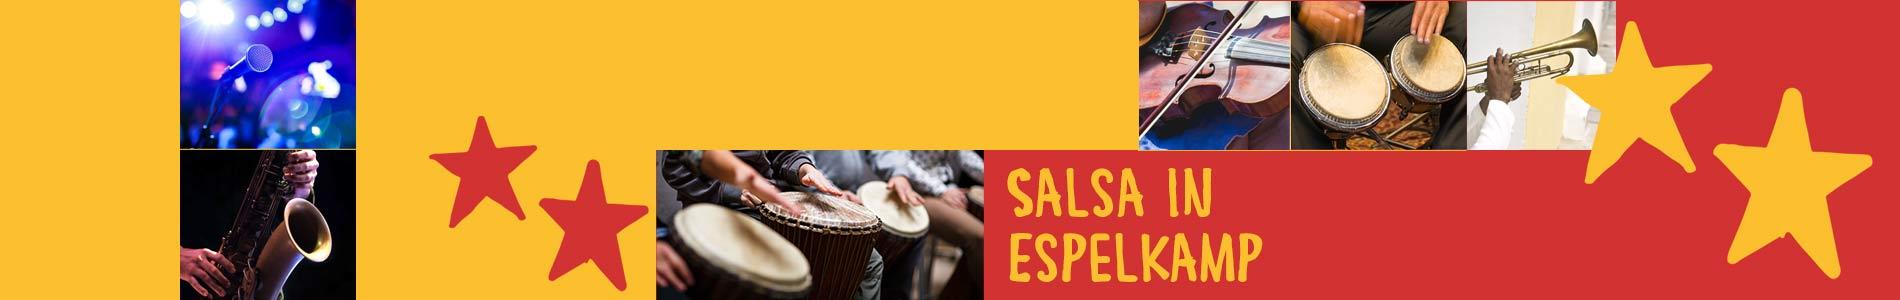 Salsa in Espelkamp – Salsa lernen und tanzen, Tanzkurse, Partys, Veranstaltungen